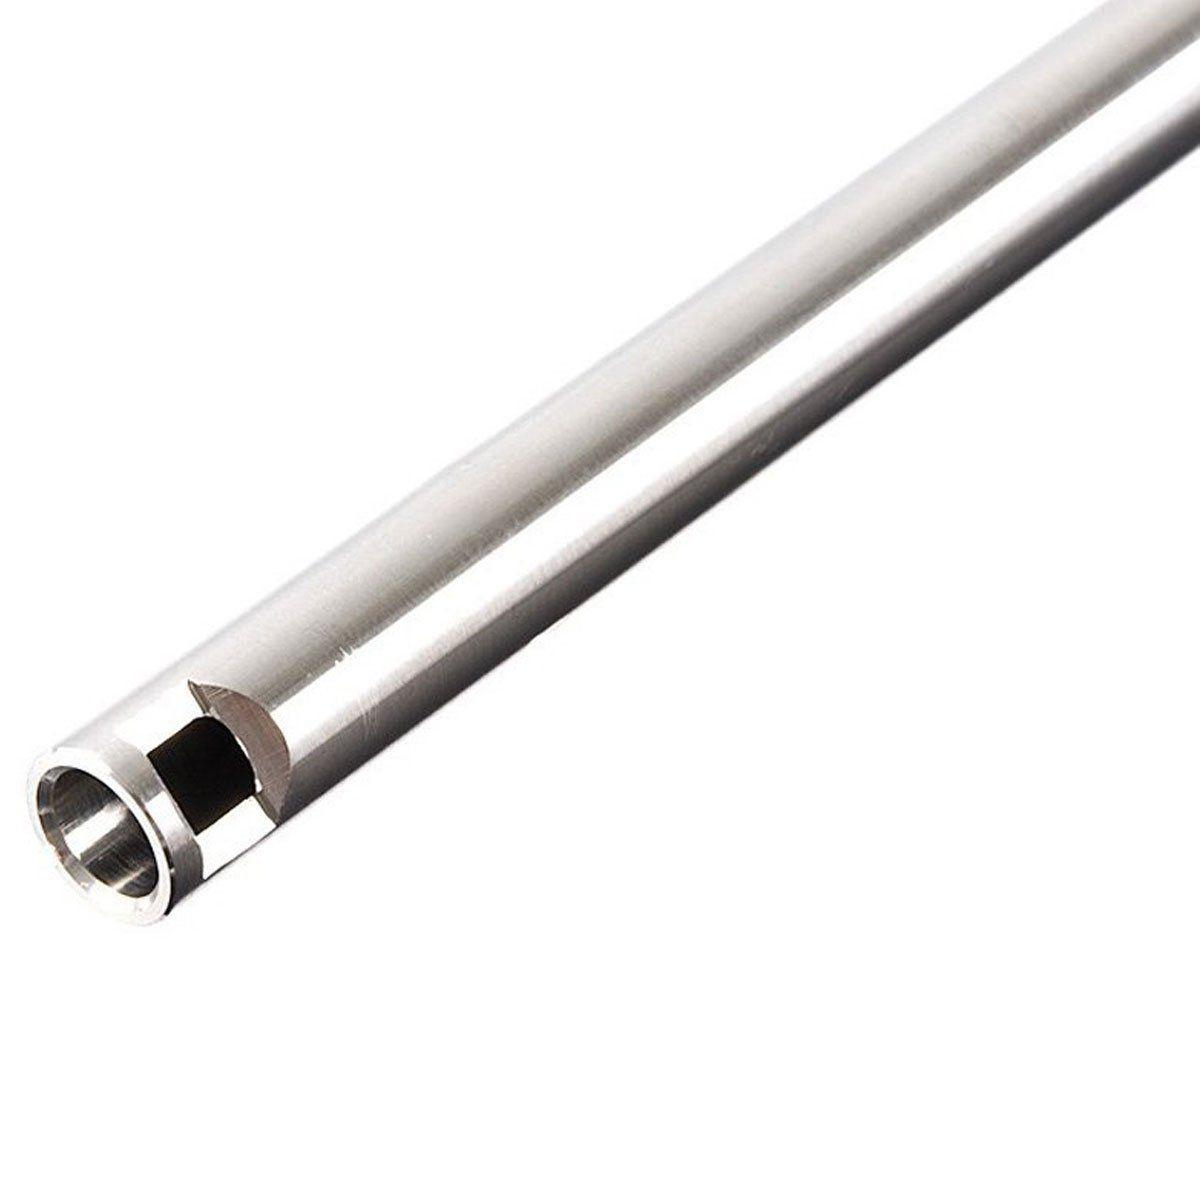 Cano de Precisao em Aco Inox - 450 mm 6.03 mm